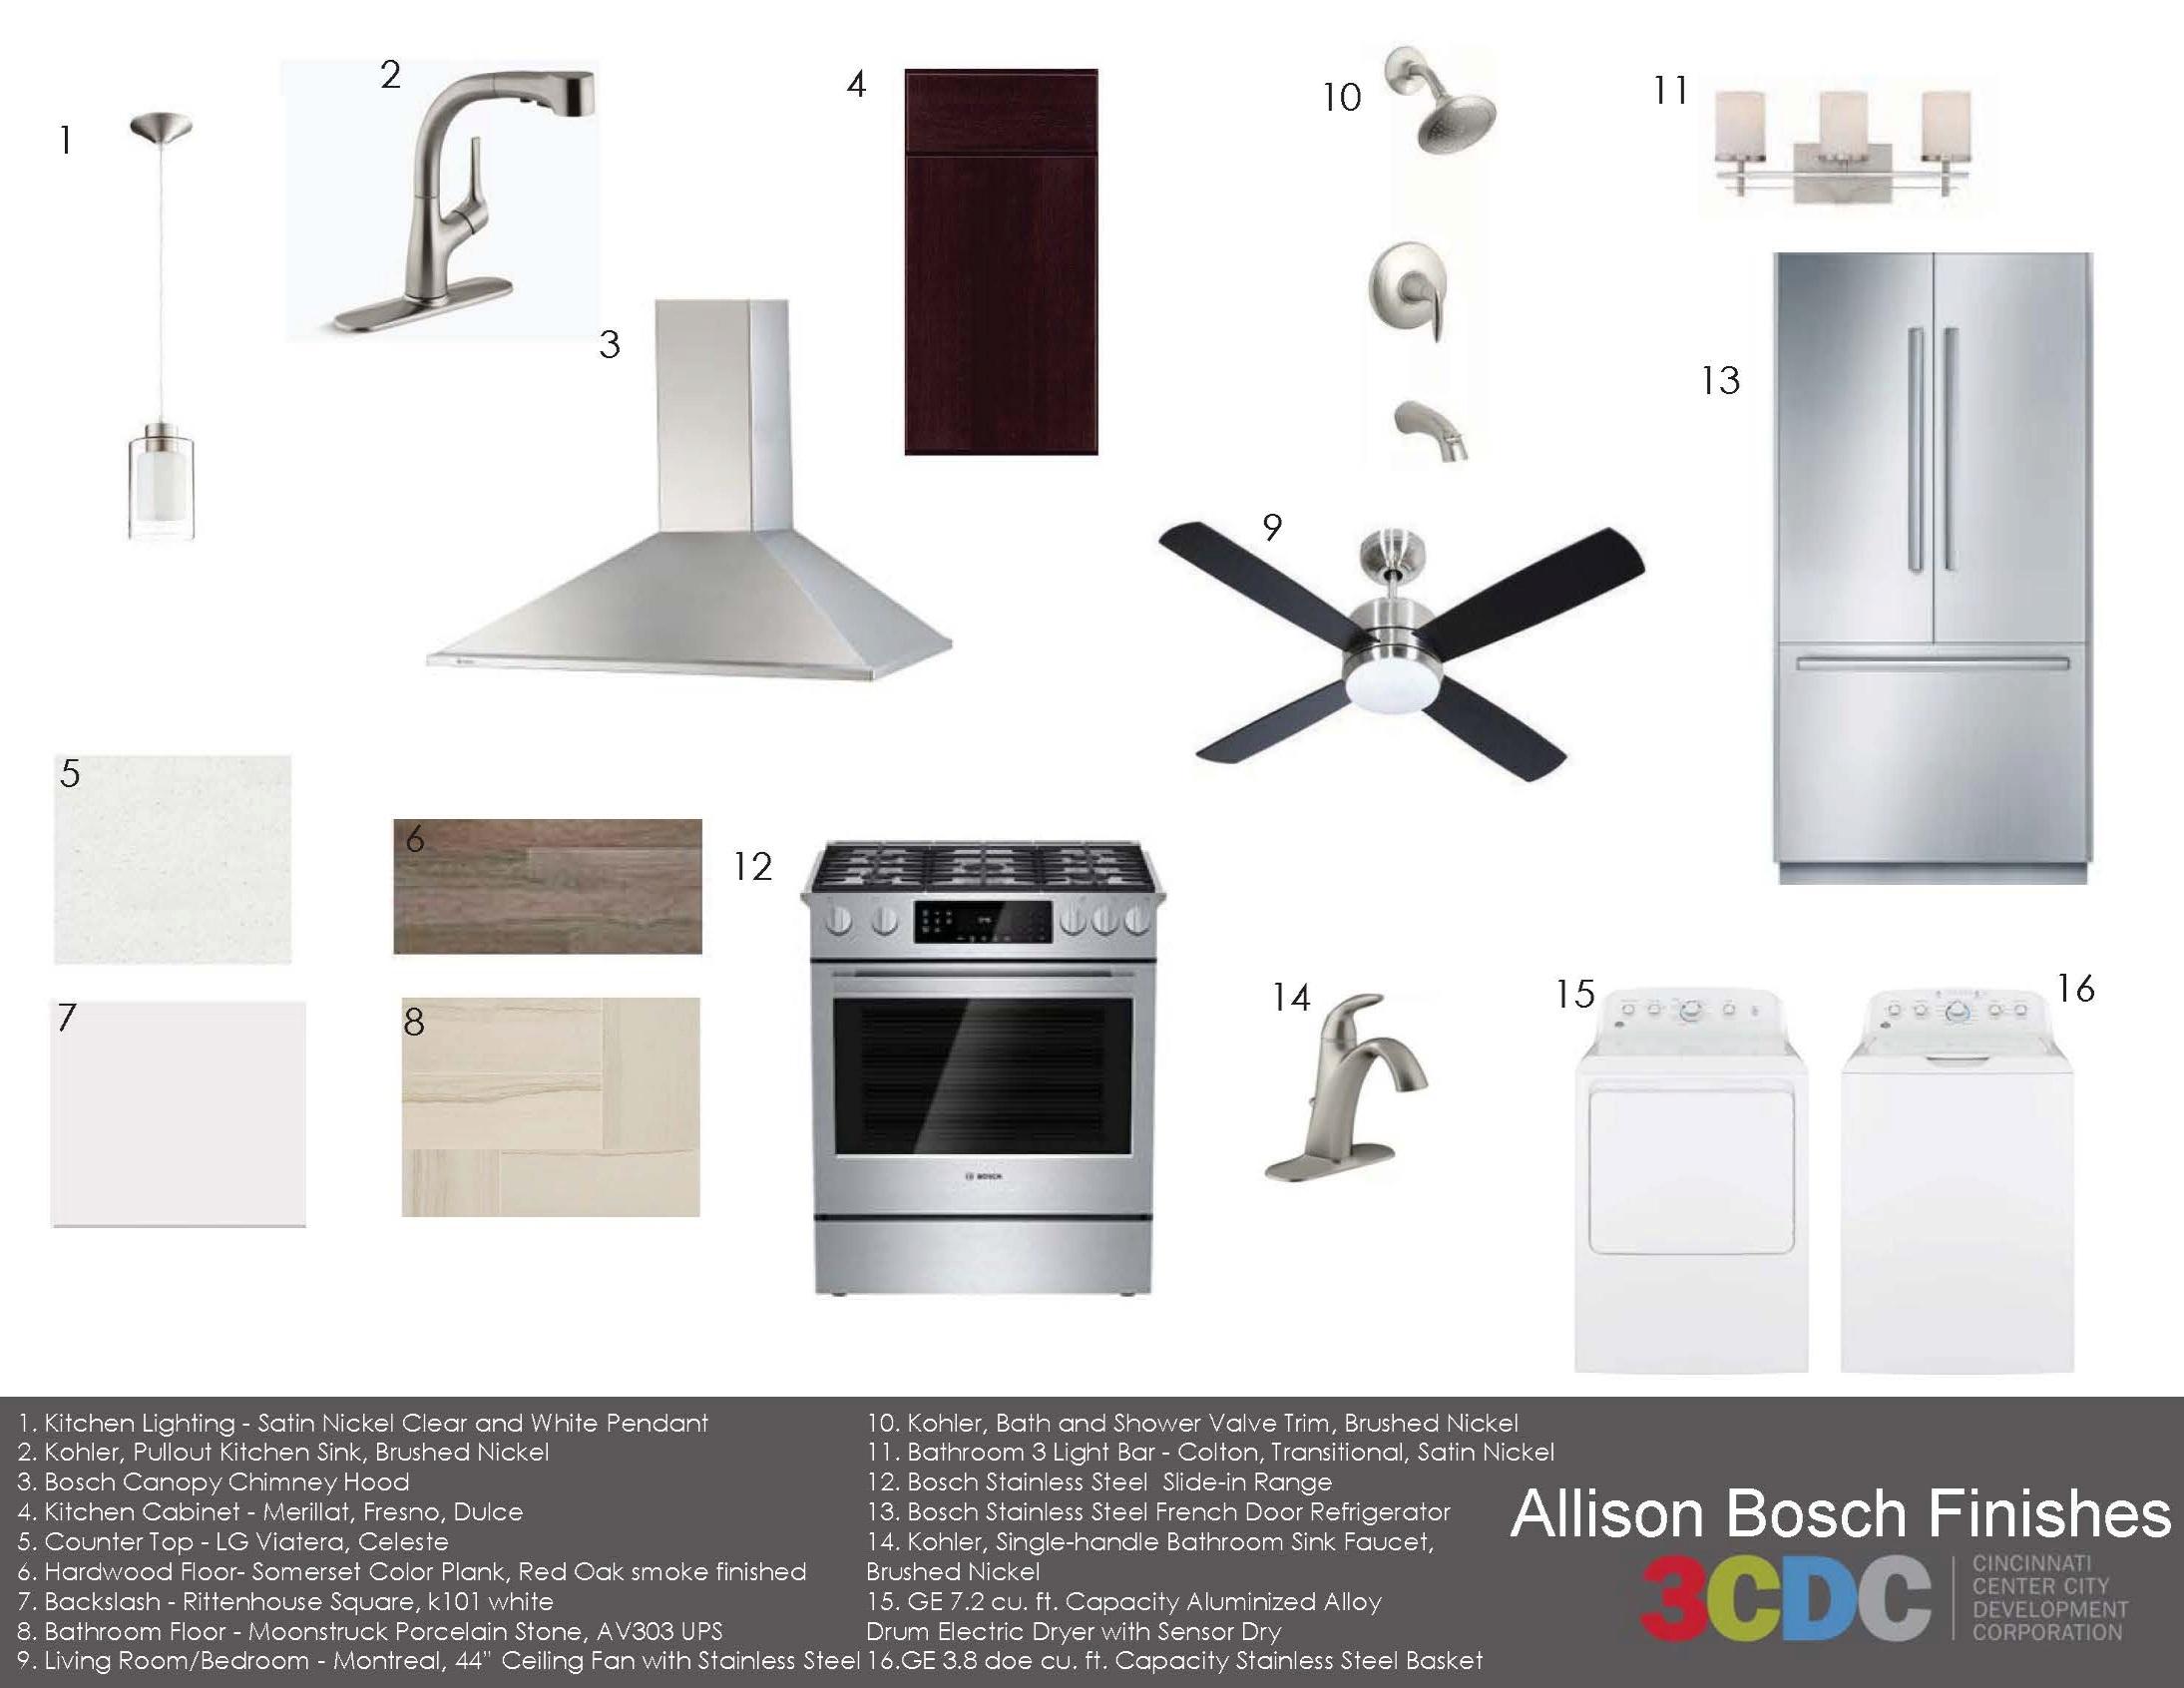 Allison-Bosch-Finishings-Board-1